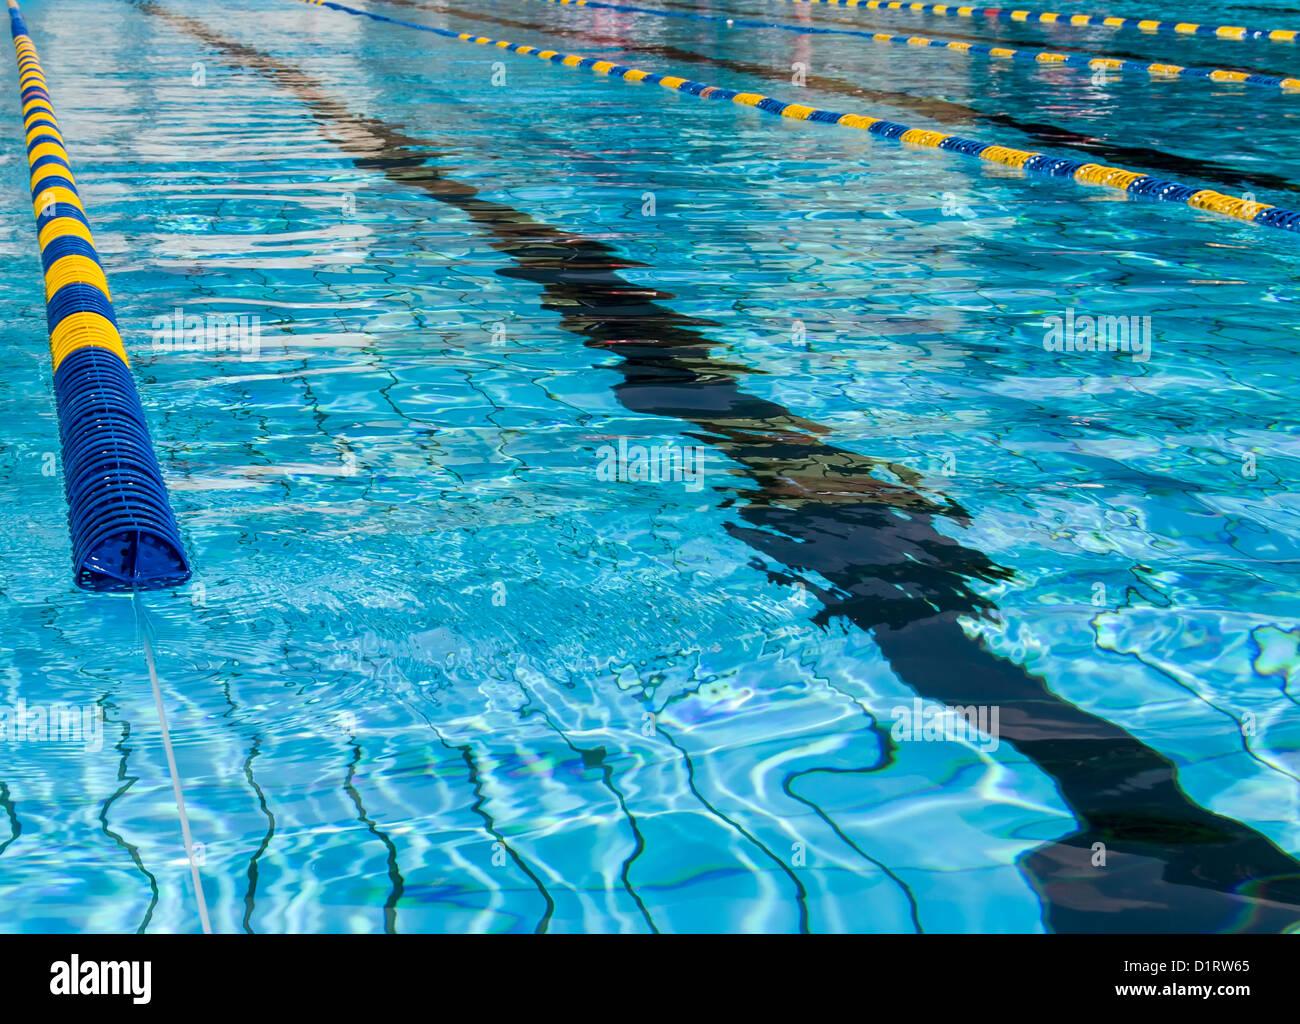 Swimming Pool Lane Lines Water Stock Photos & Swimming Pool Lane ...